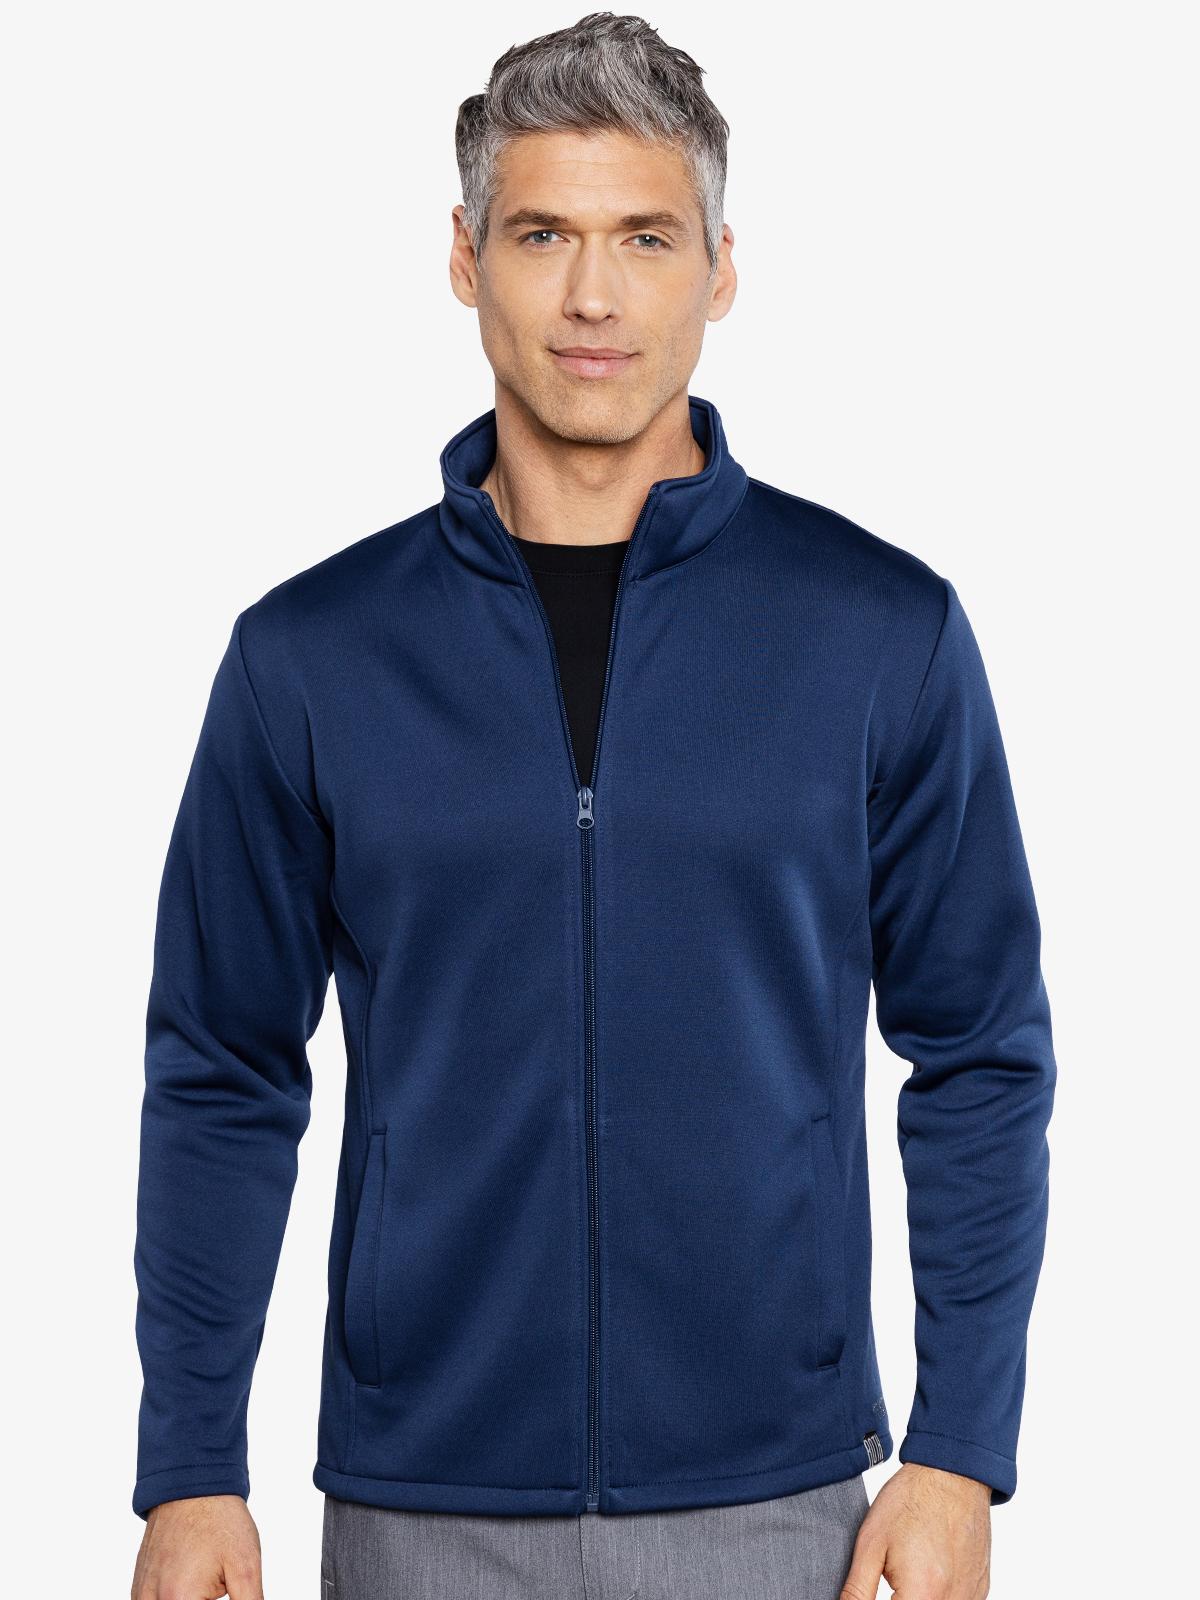 Stamford  Fleece Jacket | 8688